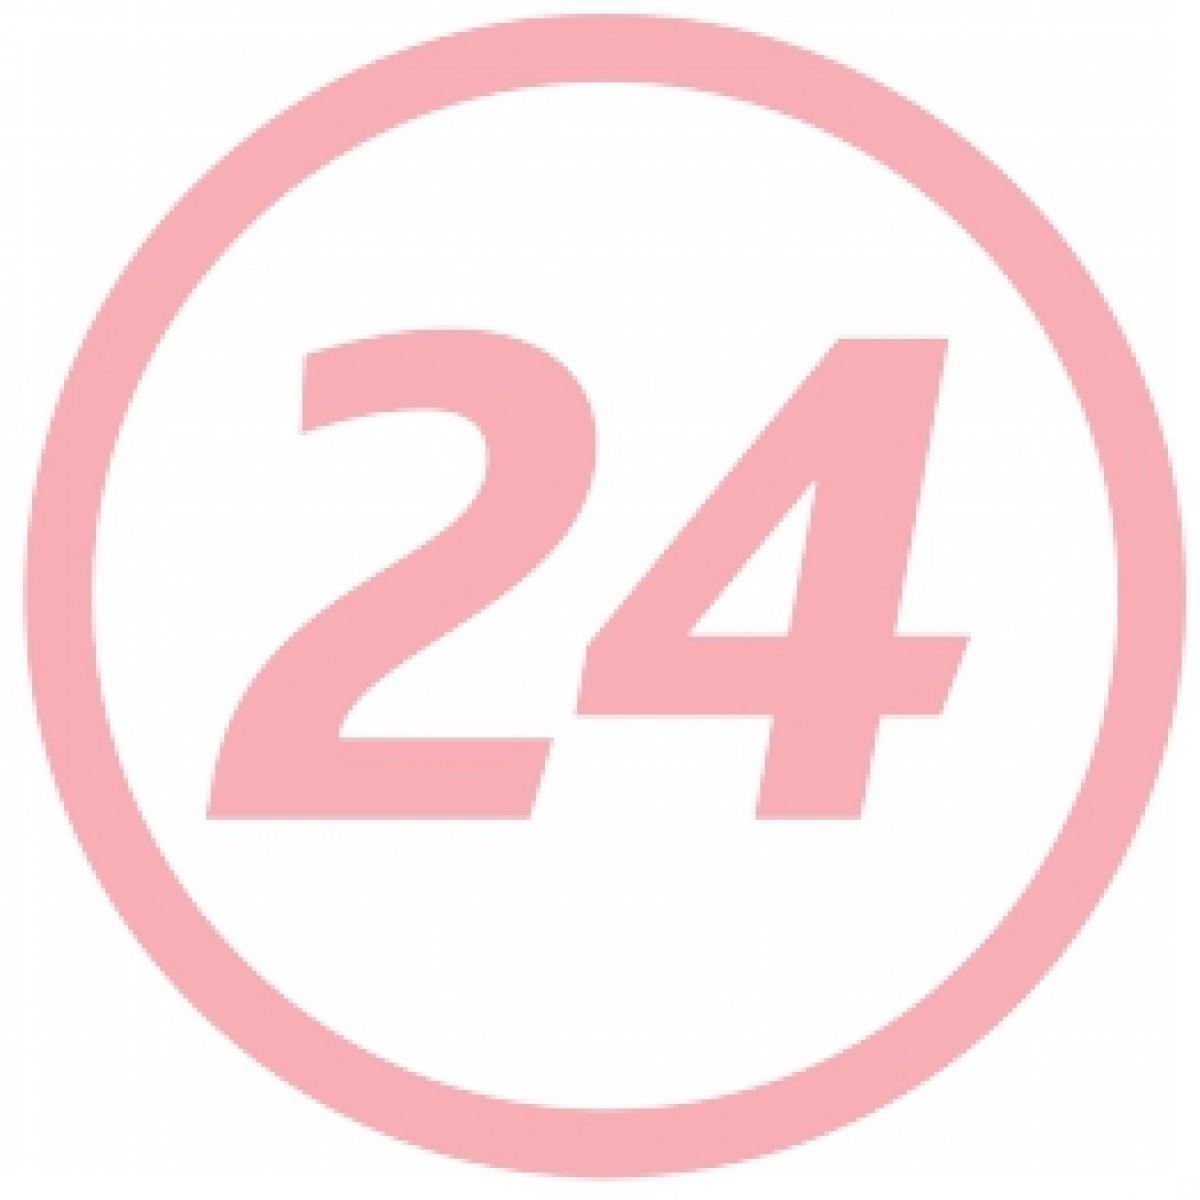 Hartmann Molicare Mobile Chilot Adulti pentru Incontinenta Severa Marimea M, Scutece Adulti, 14buc